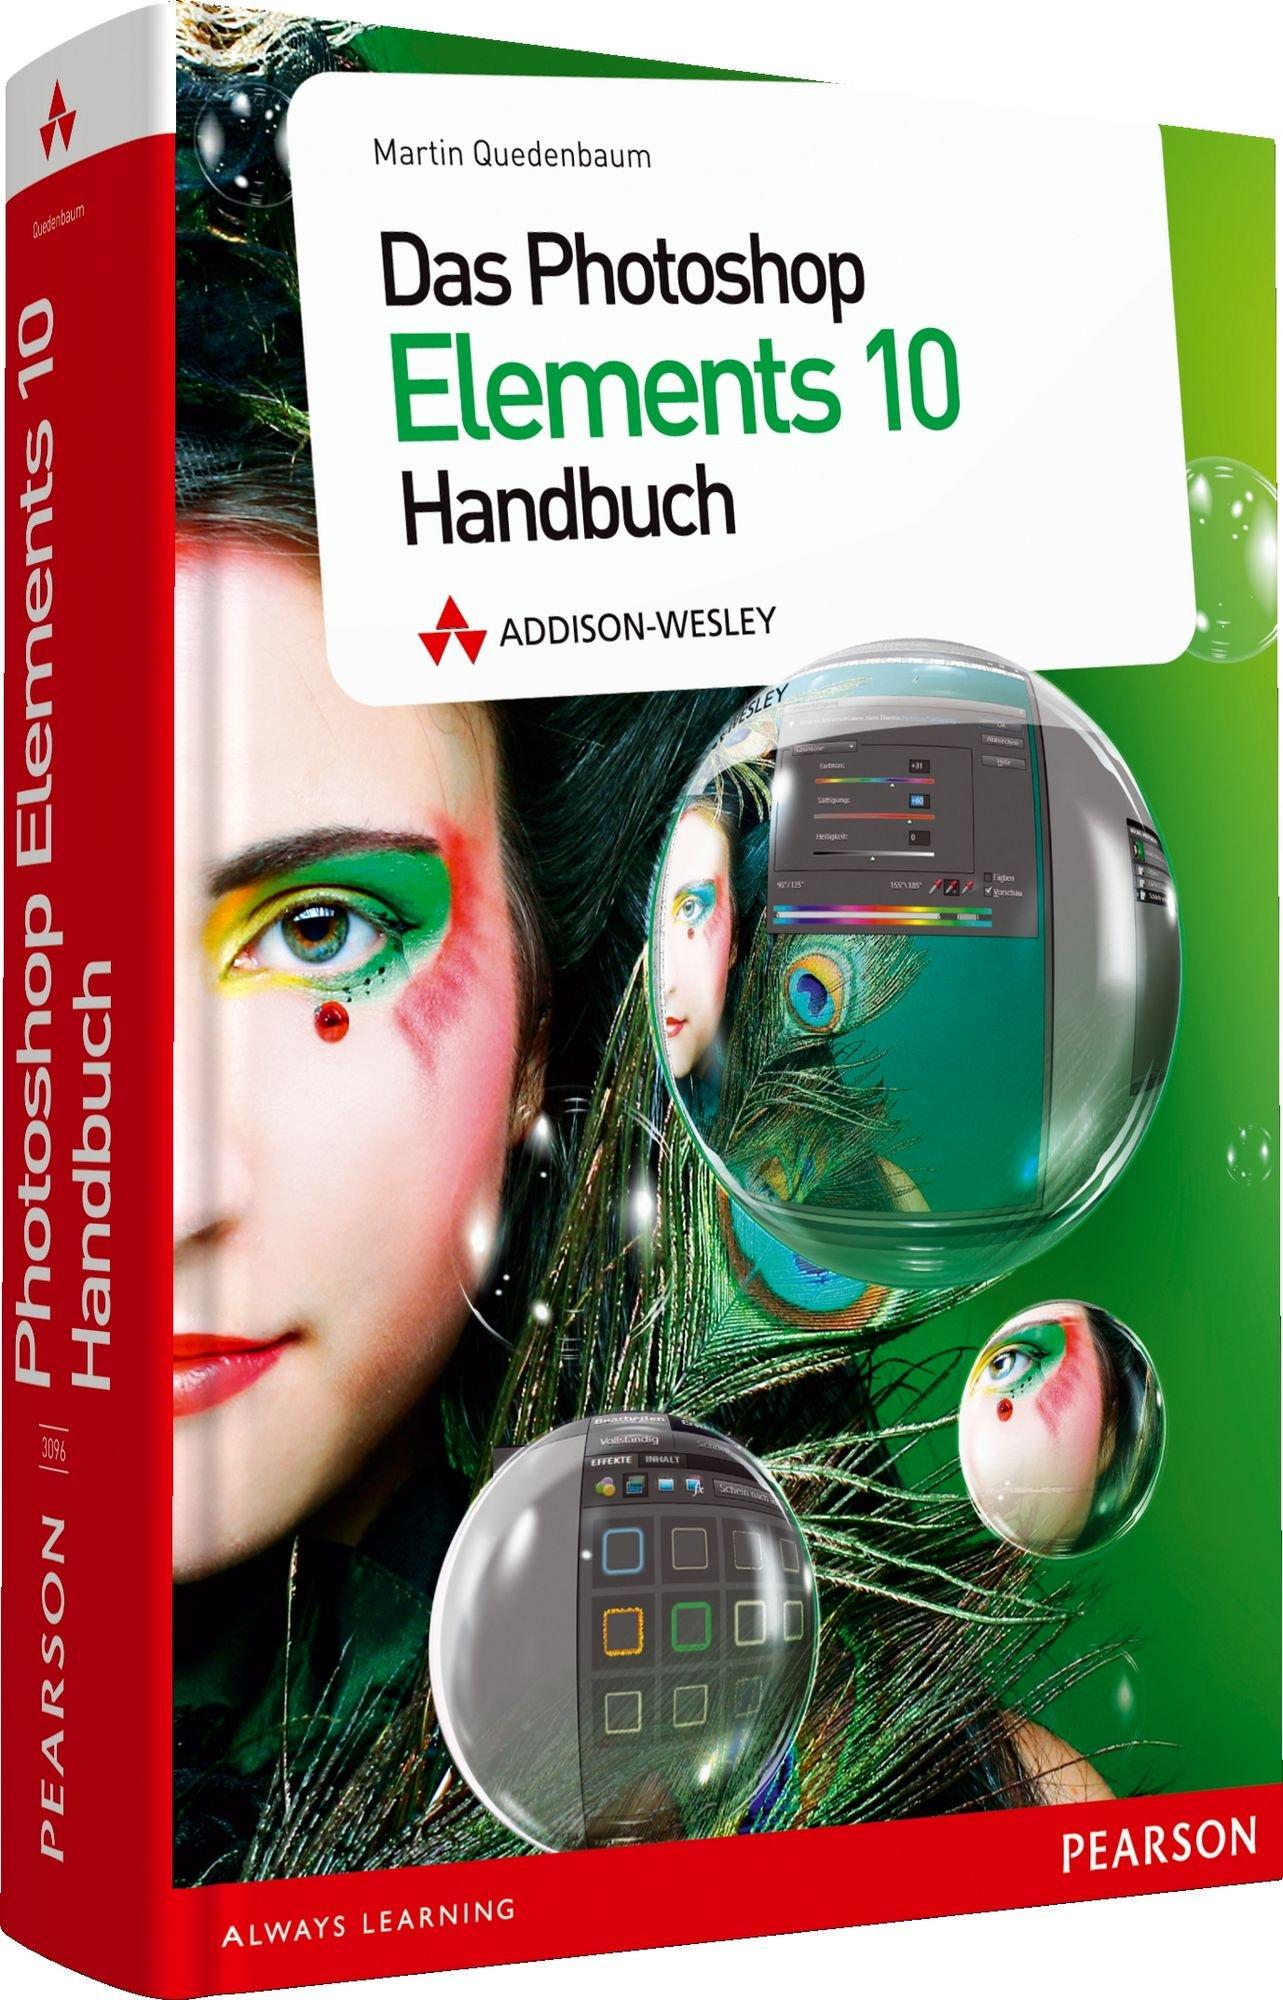 Das Photoshop Elements 10 Handbuch   Komplett In Farbe Alle Beispielbilder Auf Der DVD  Für Windows Und Für Mac  DPI Grafik